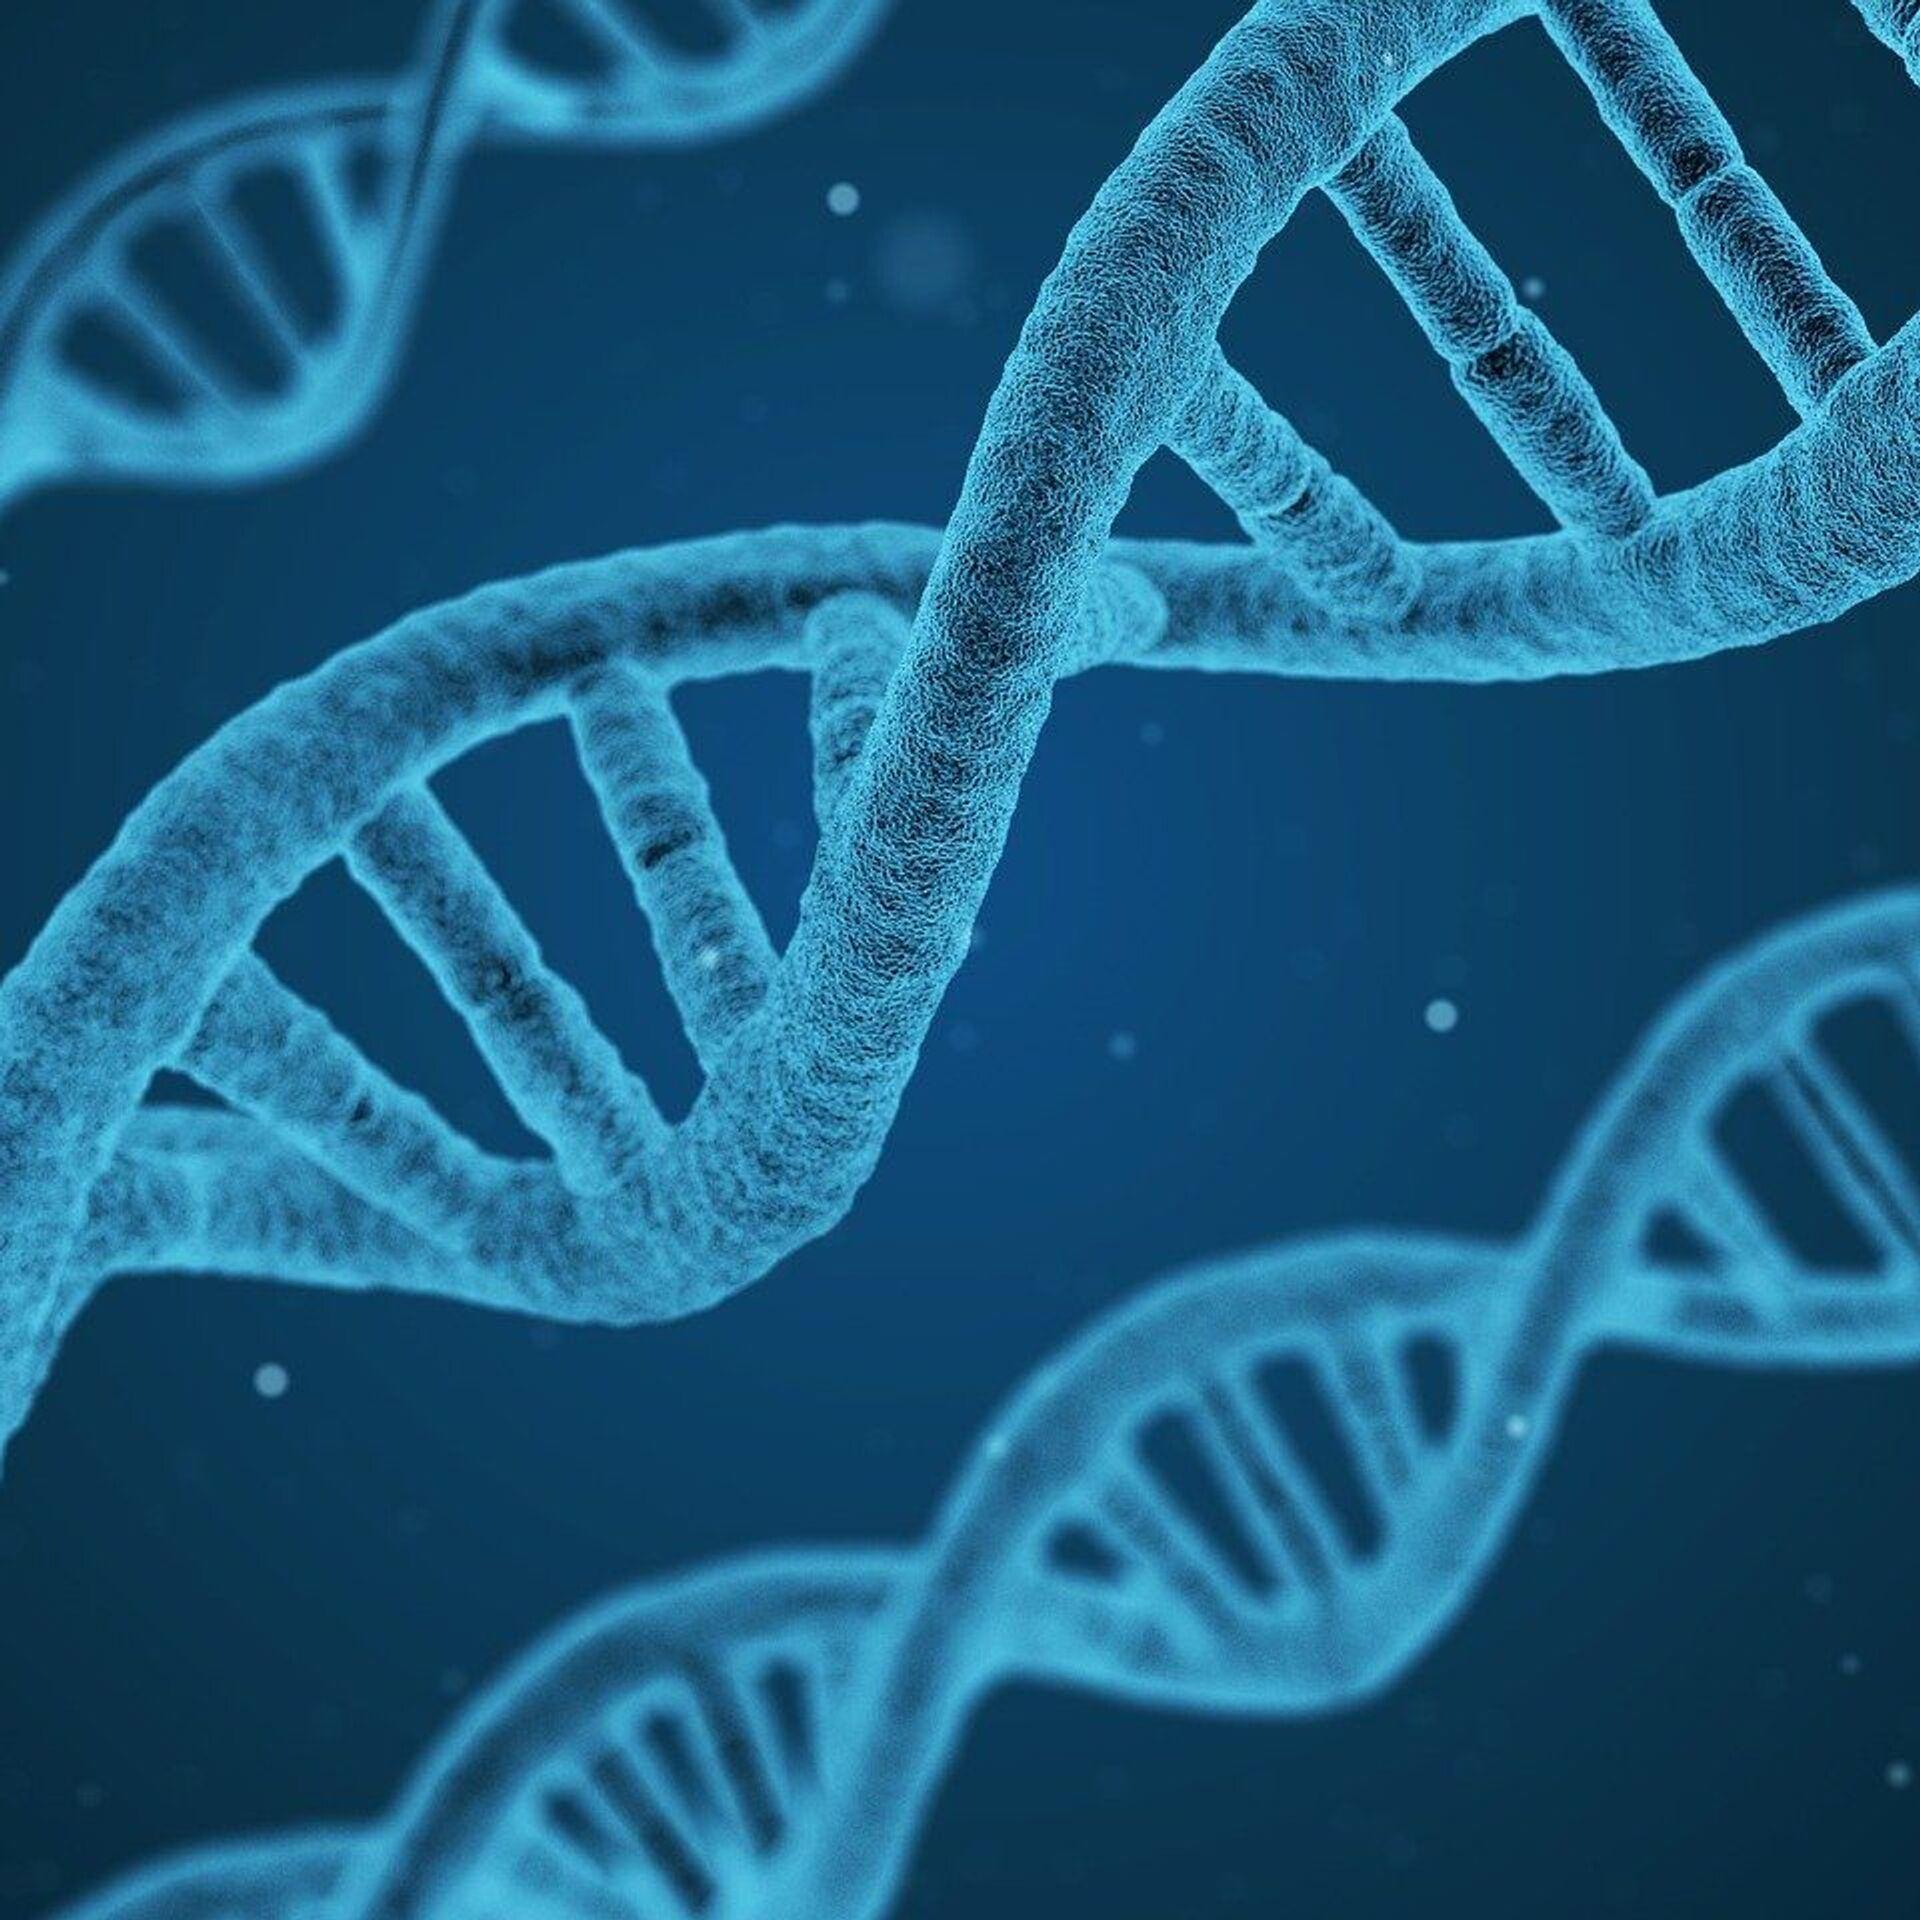 Científicos reconstruyen el genoma humano moderno más antiguo de la  historia - 09.04.2021, Sputnik Mundo